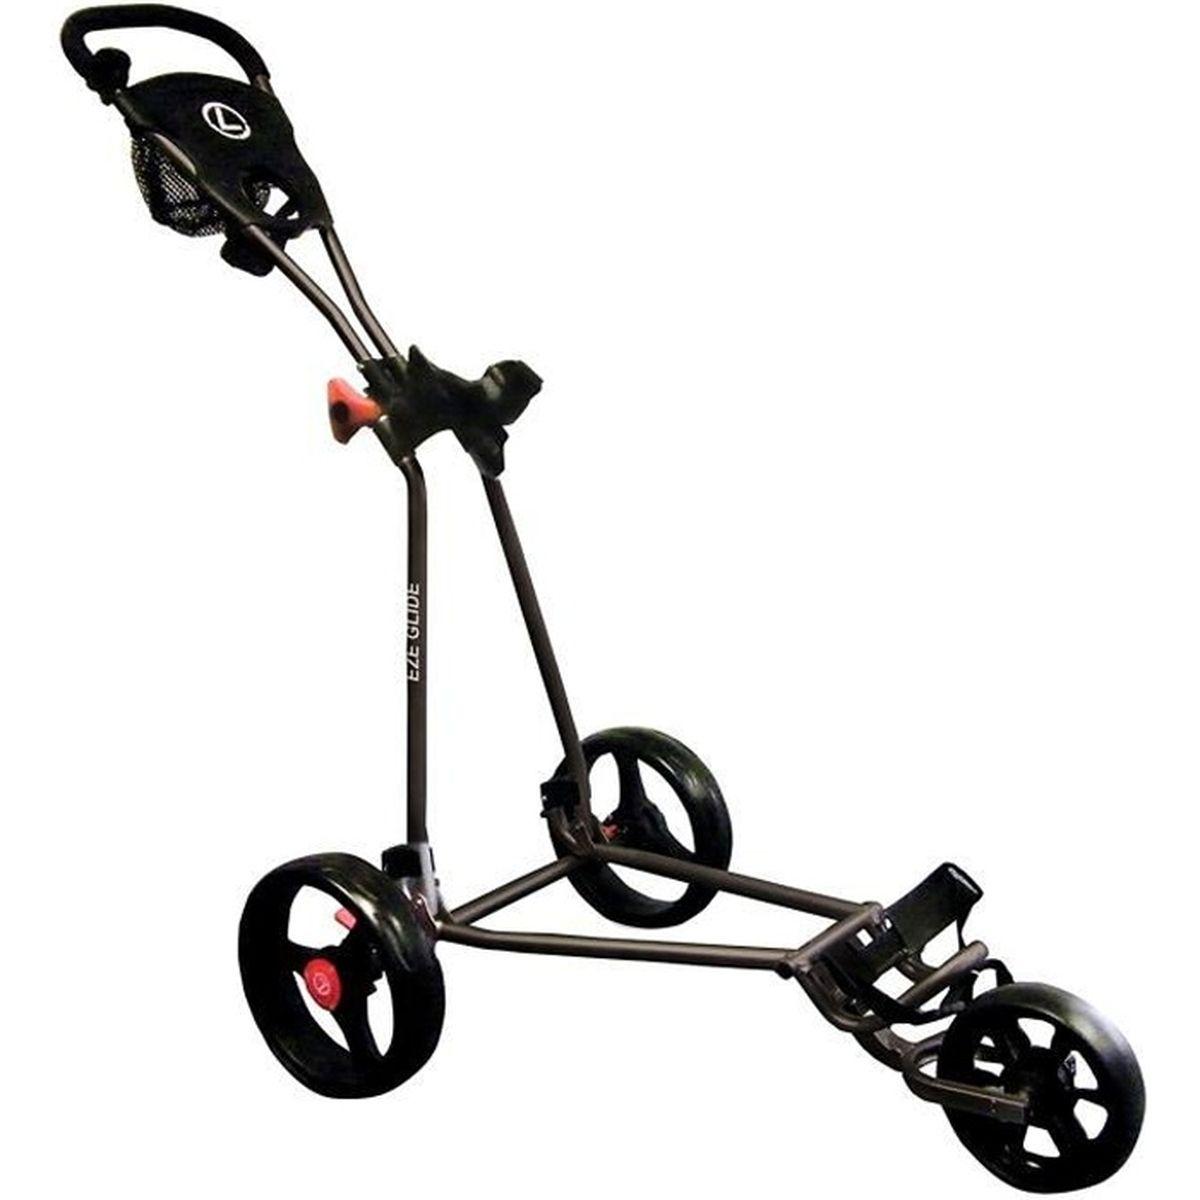 Chariot De Golf Eze Glide 3 Roues Noir Prix Pas Cher Cdiscount